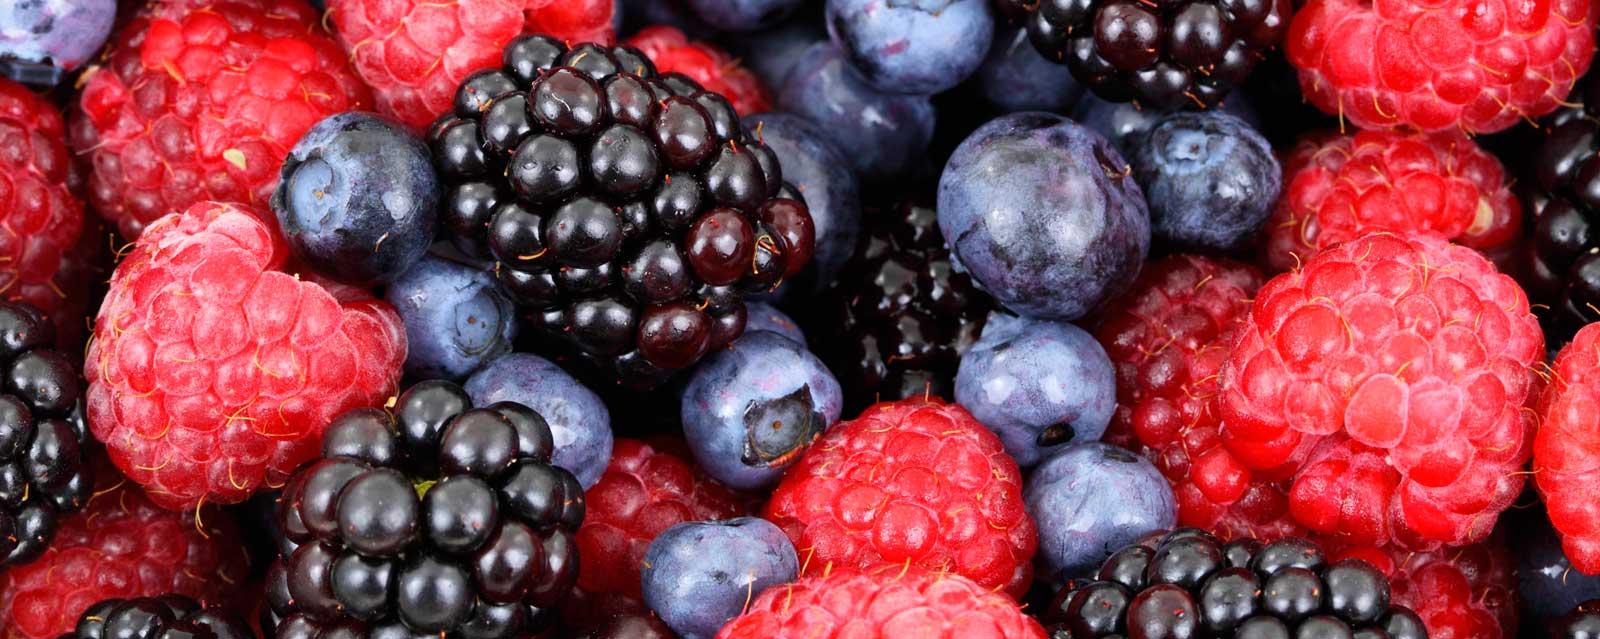 importancia de los carbohidratos fibrosos